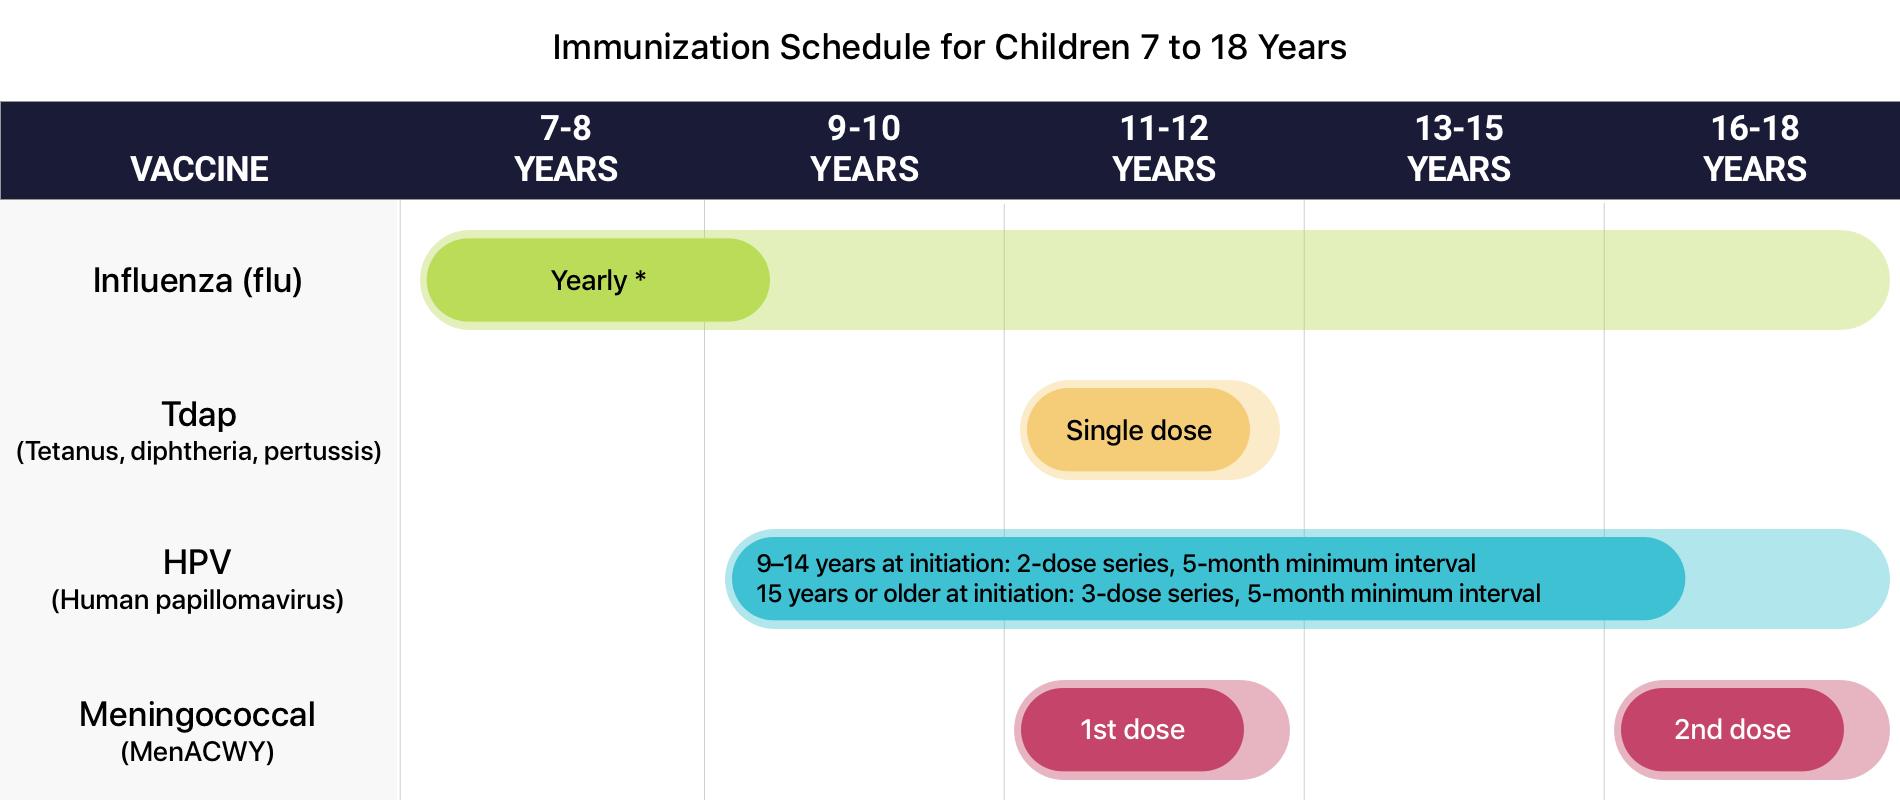 human papillomavirus dose